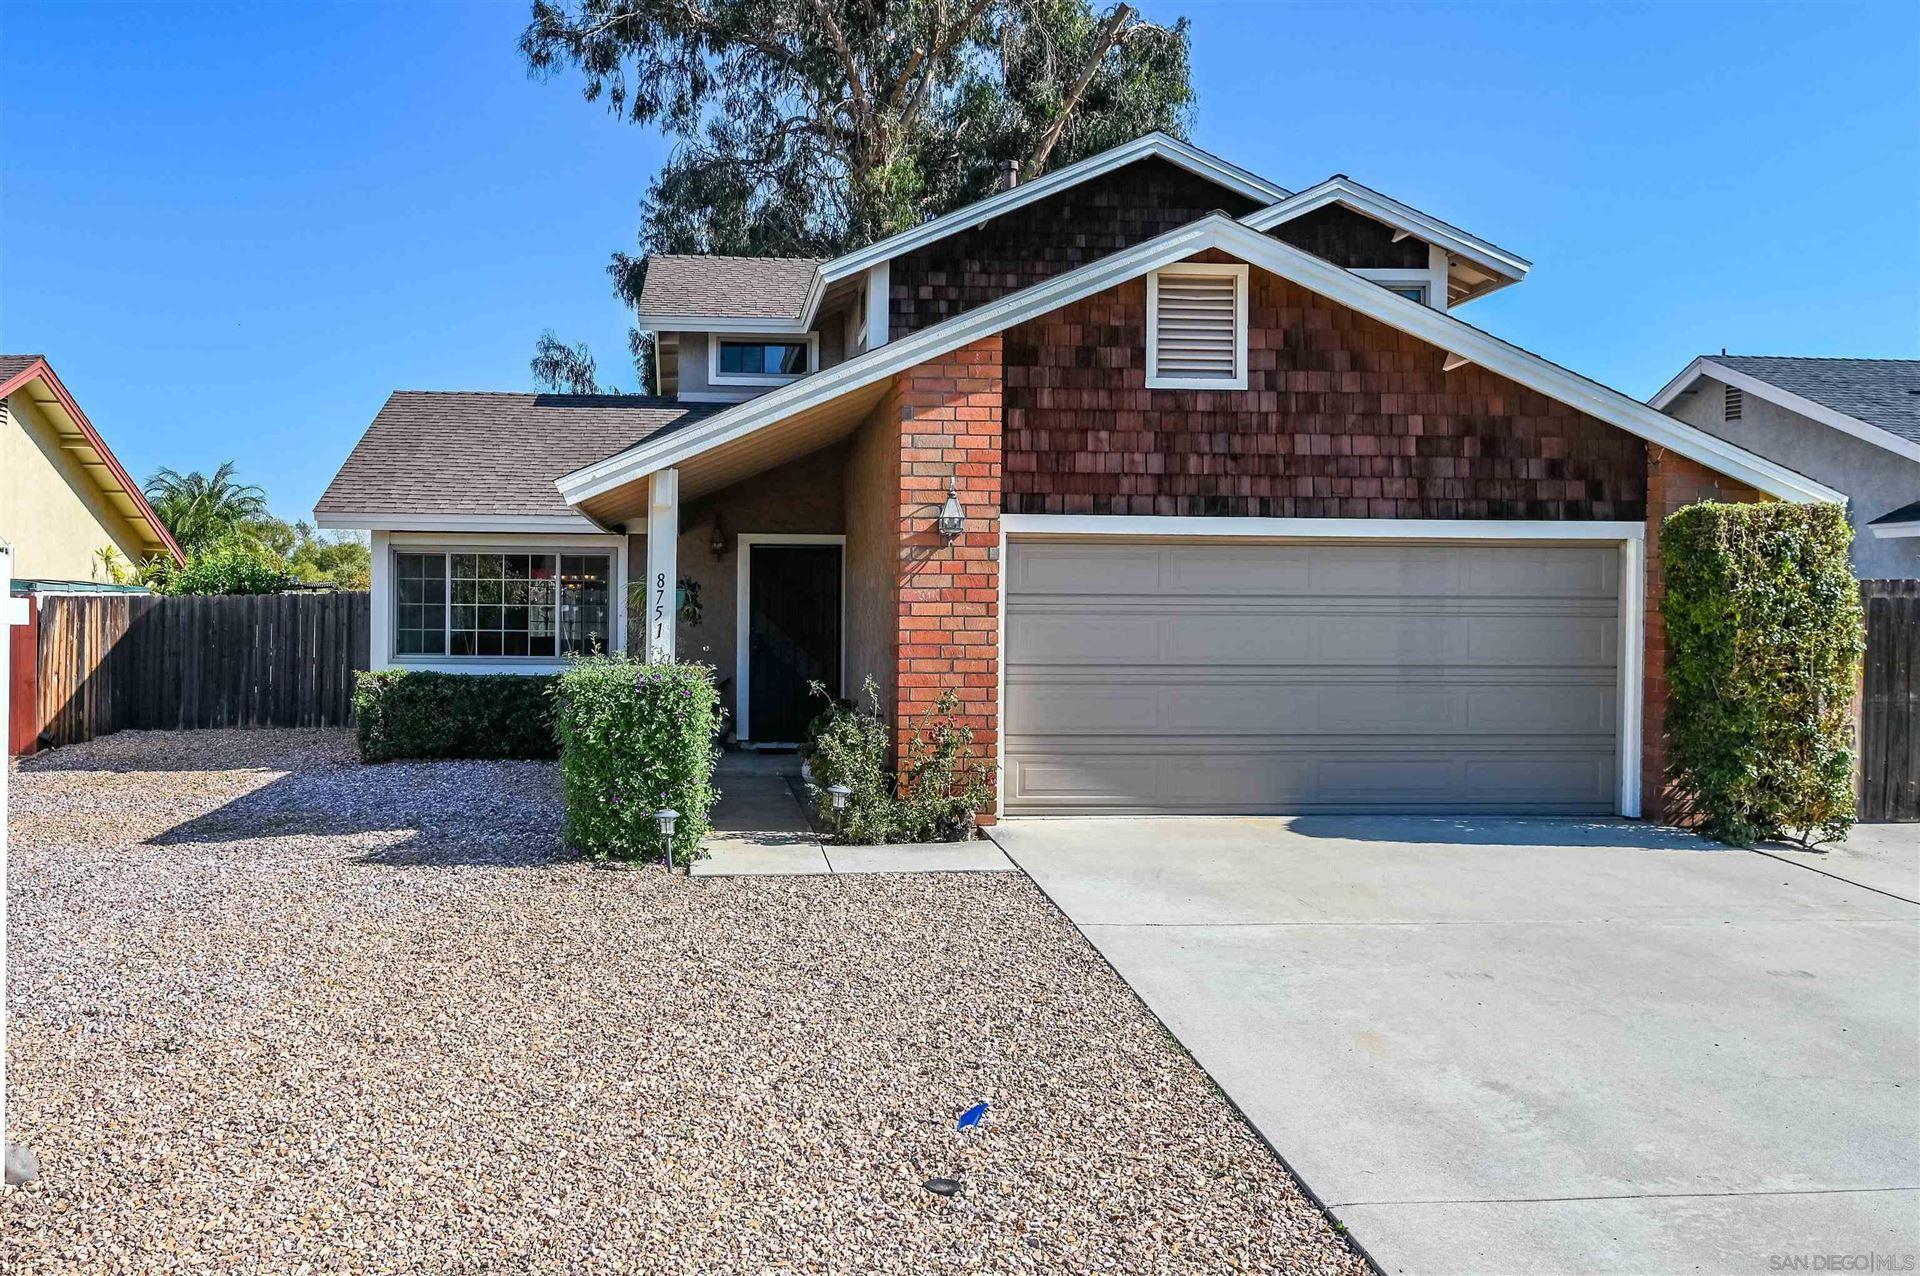 Photo of 8751 Granite House Ln, Santee, CA 92071 (MLS # 210029640)